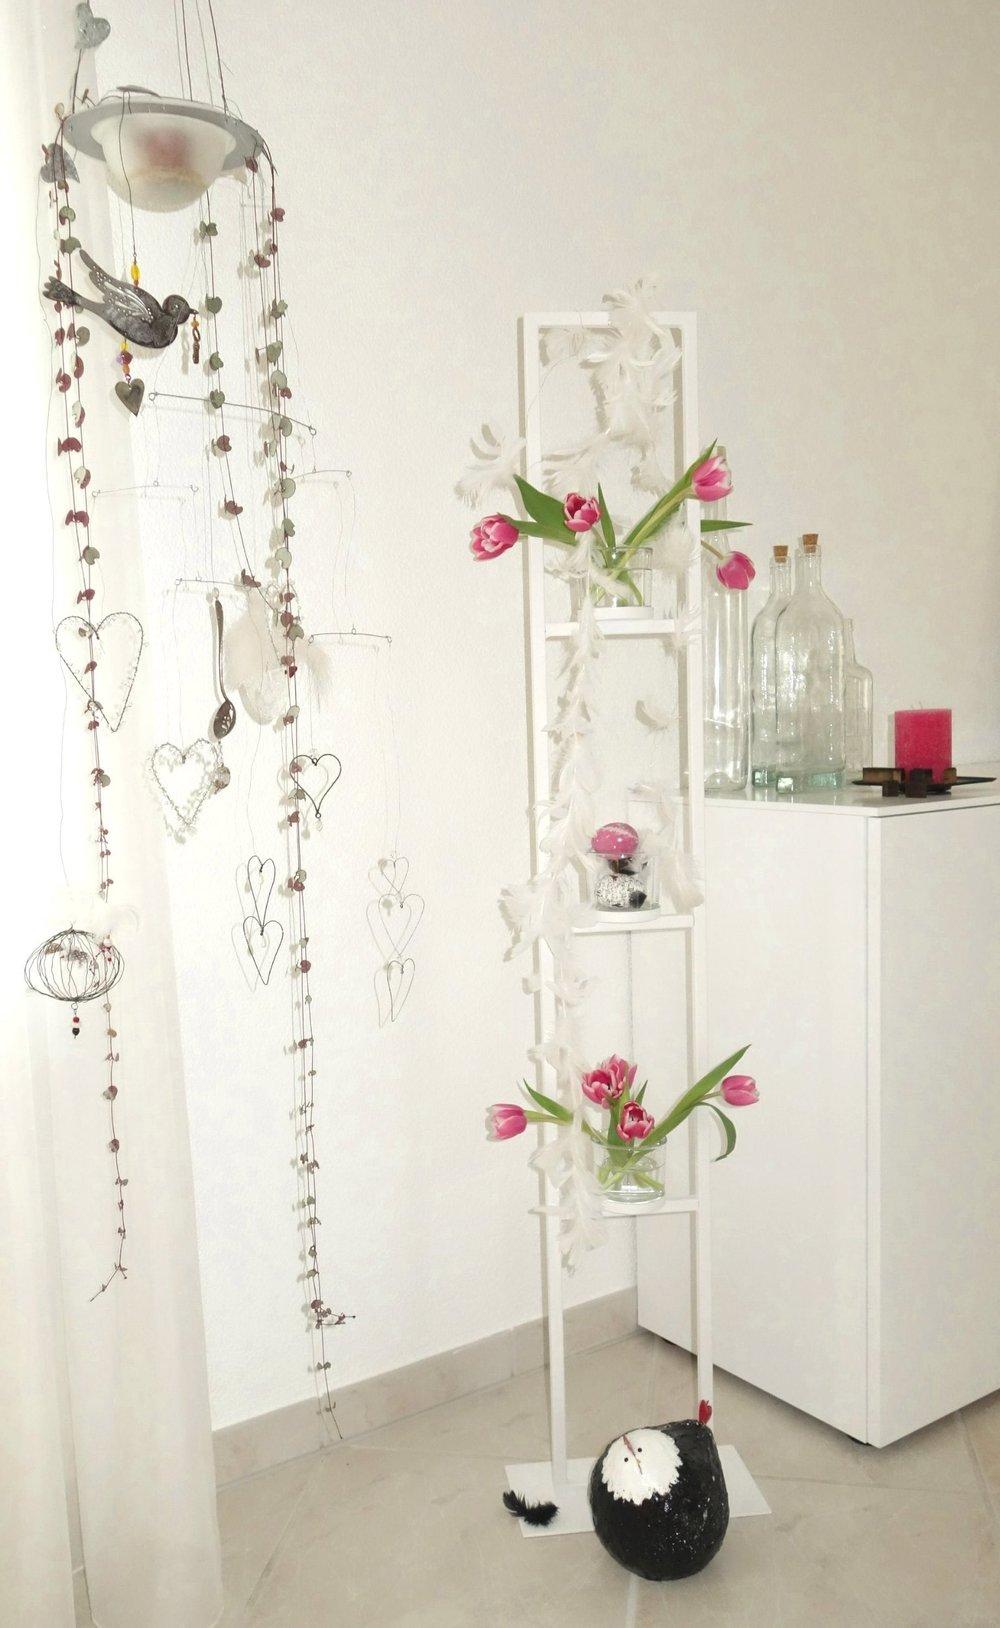 blog frau nuesslis deko ecke f r inspirationen. Black Bedroom Furniture Sets. Home Design Ideas